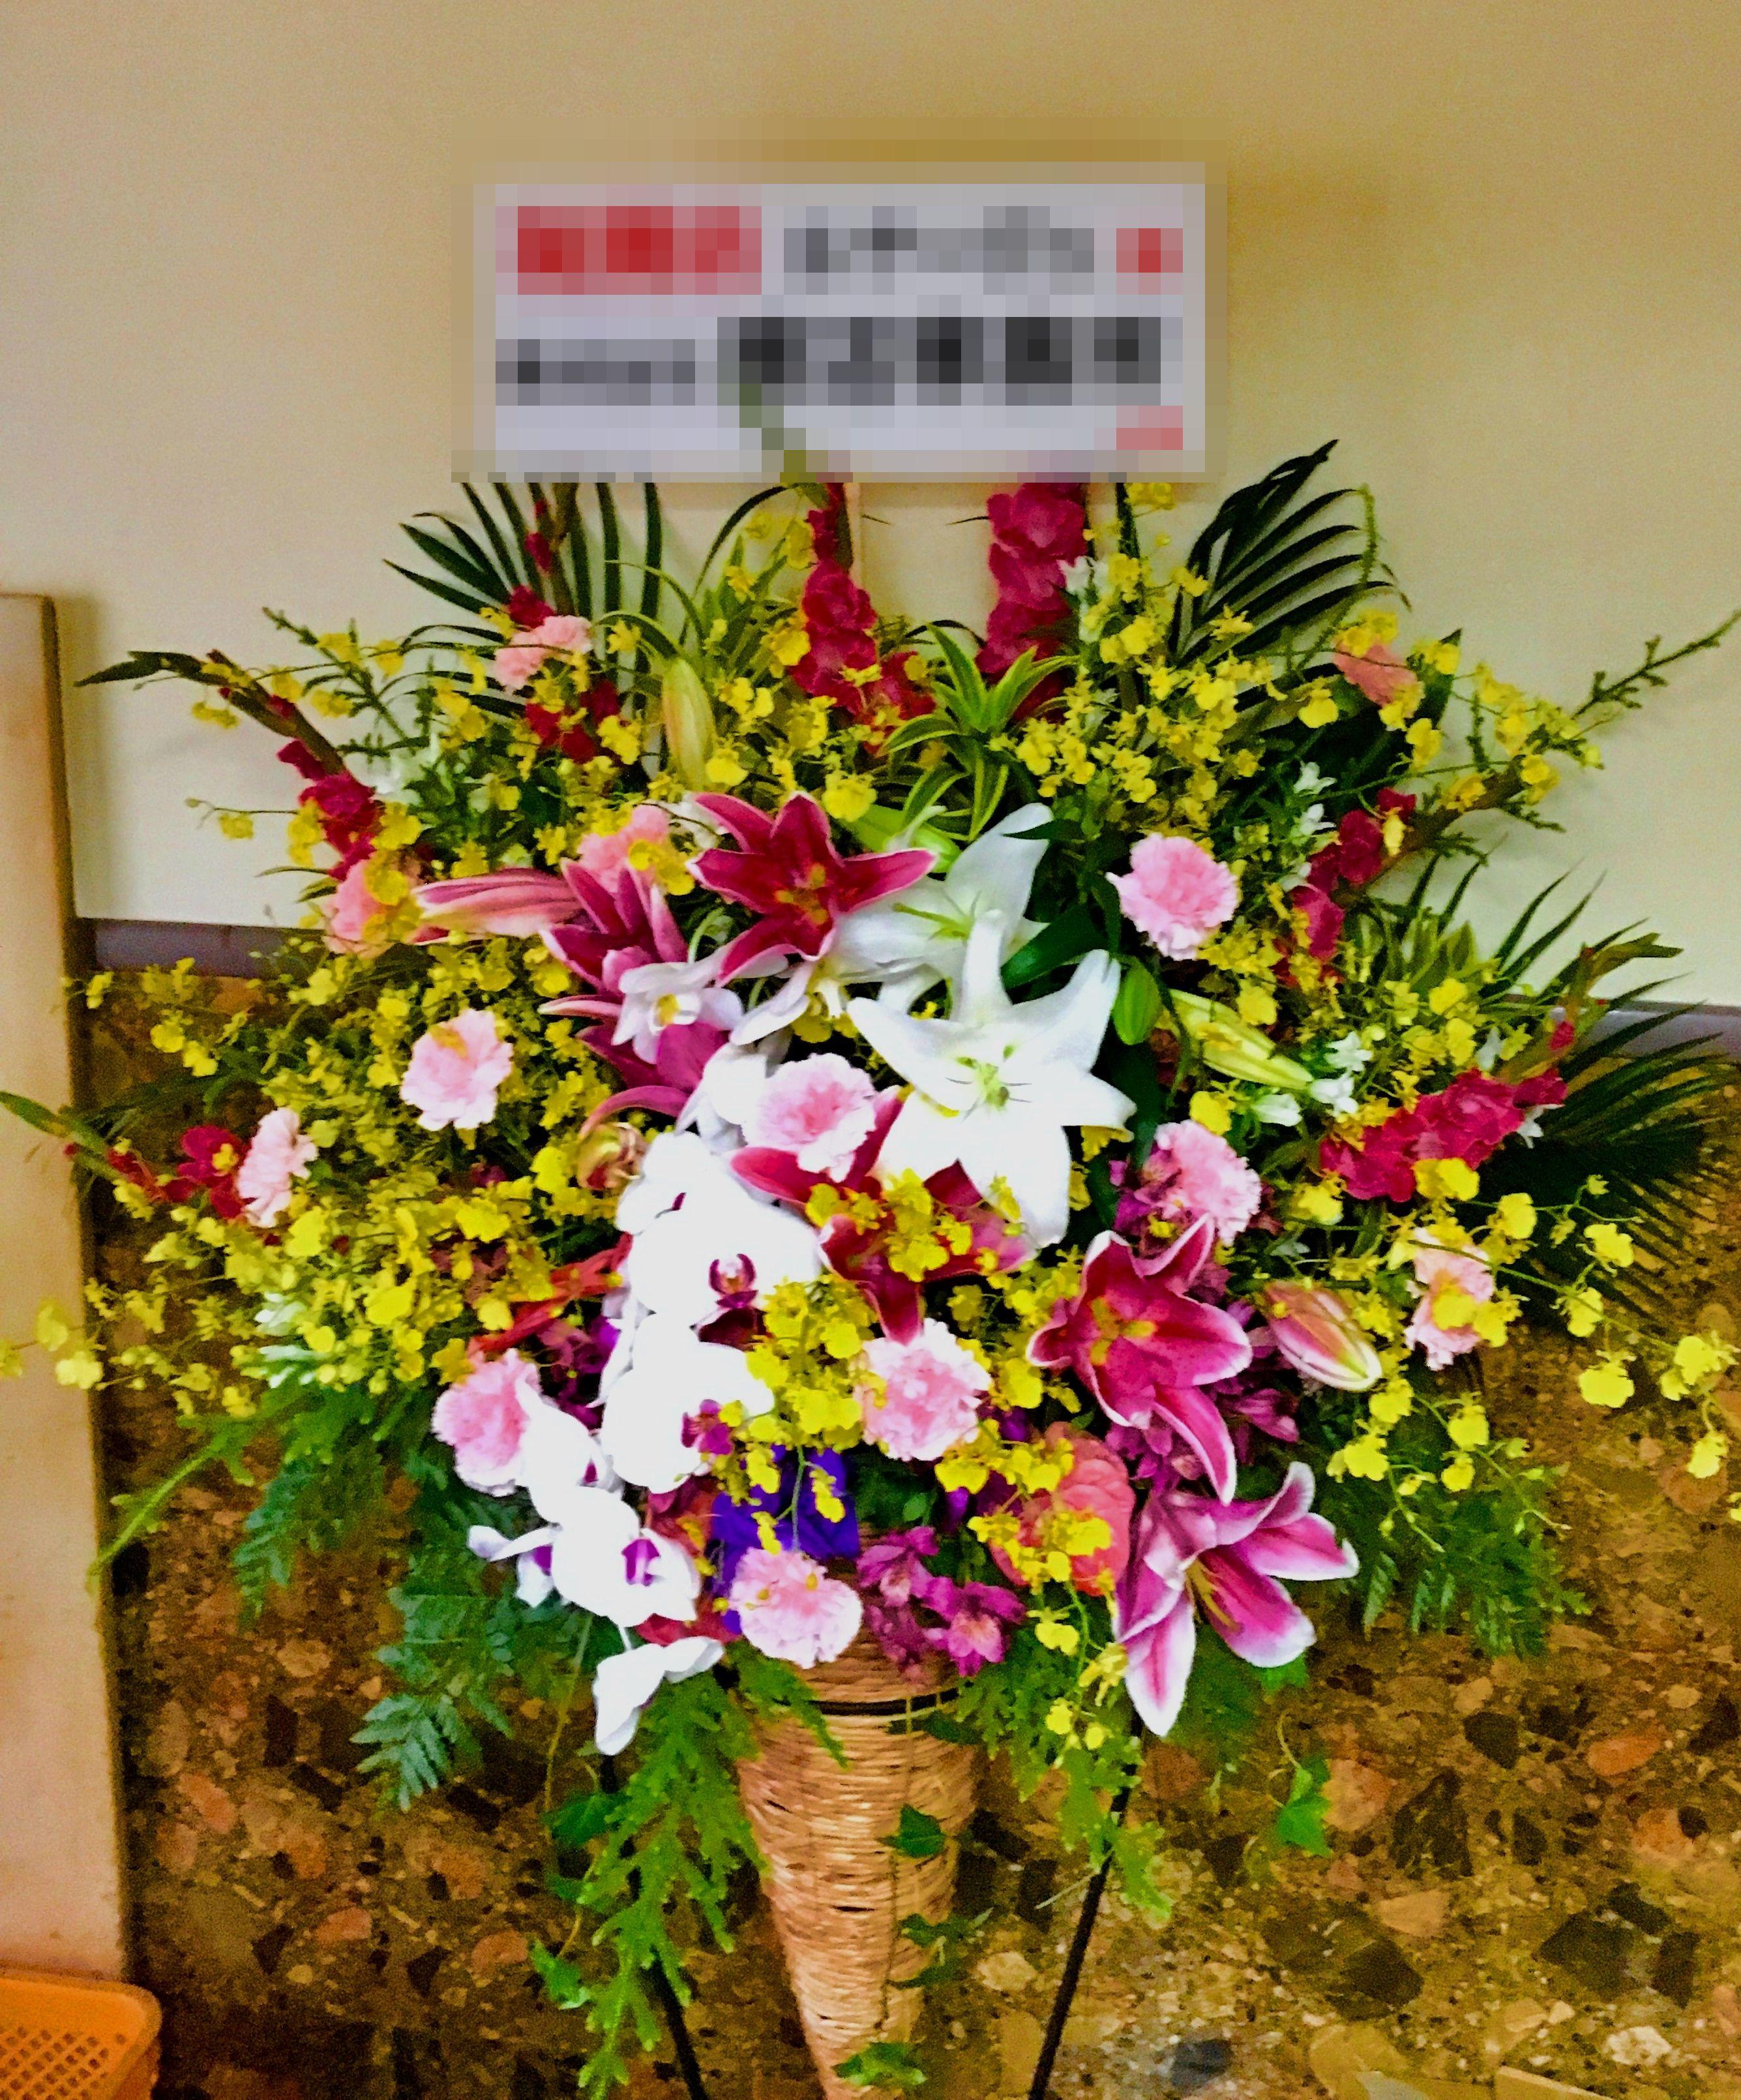 【ナオ花屋の納品事例143】横浜市桜木町ゴールデンギャラリーへアレンジメントを配達しました!